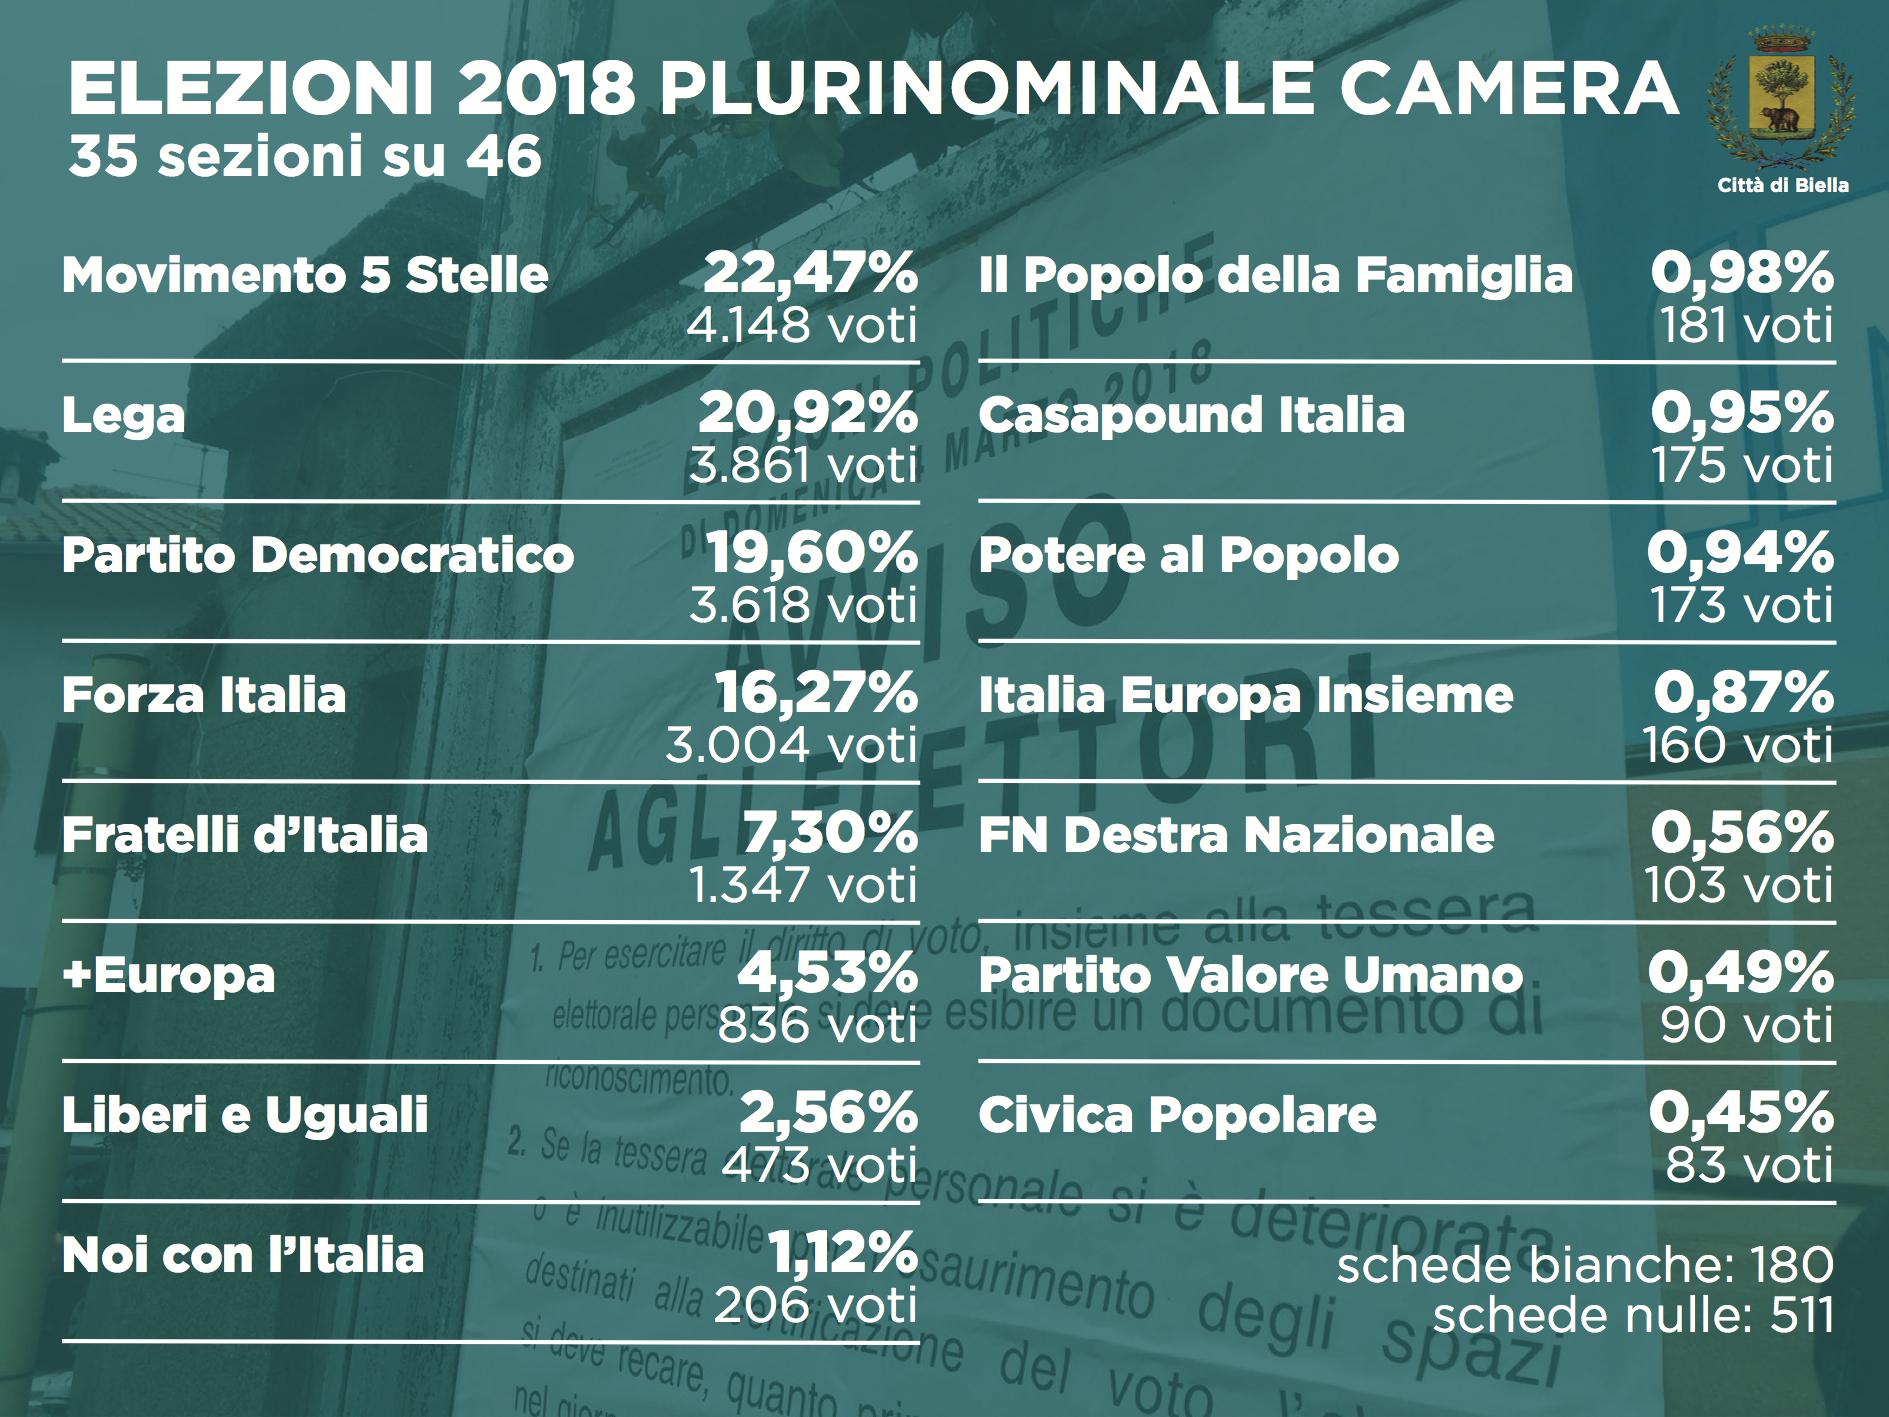 Elezioni 2018: i dati del plurinominale alla Camera (35 sezioni su 46)